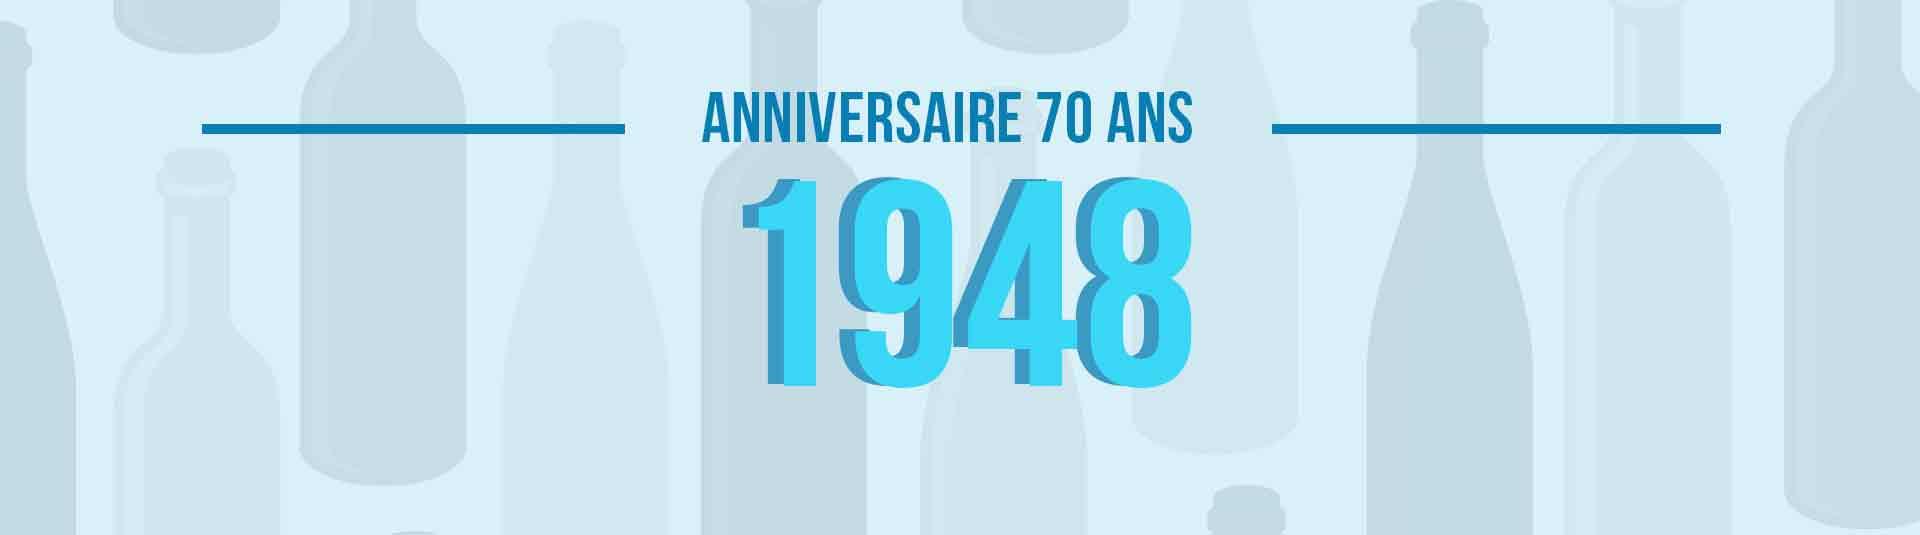 Vins de 1948 : cadeau d'anniversaire 70 ans